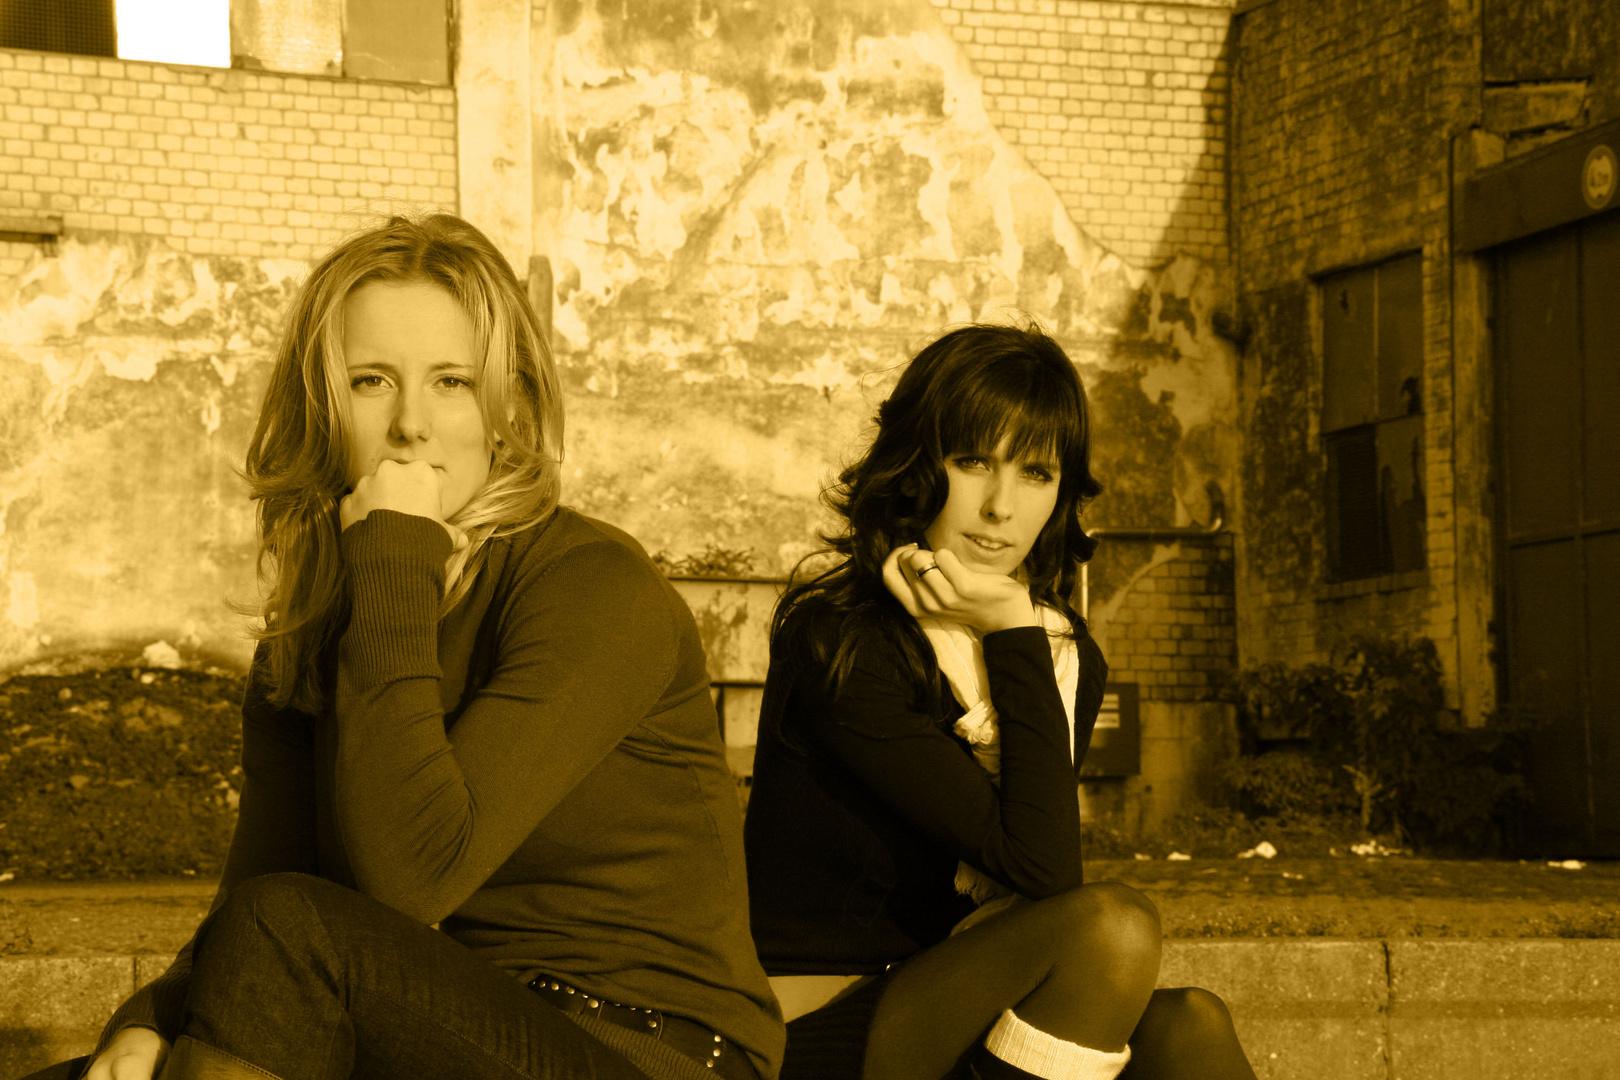 Two Beautiful Women